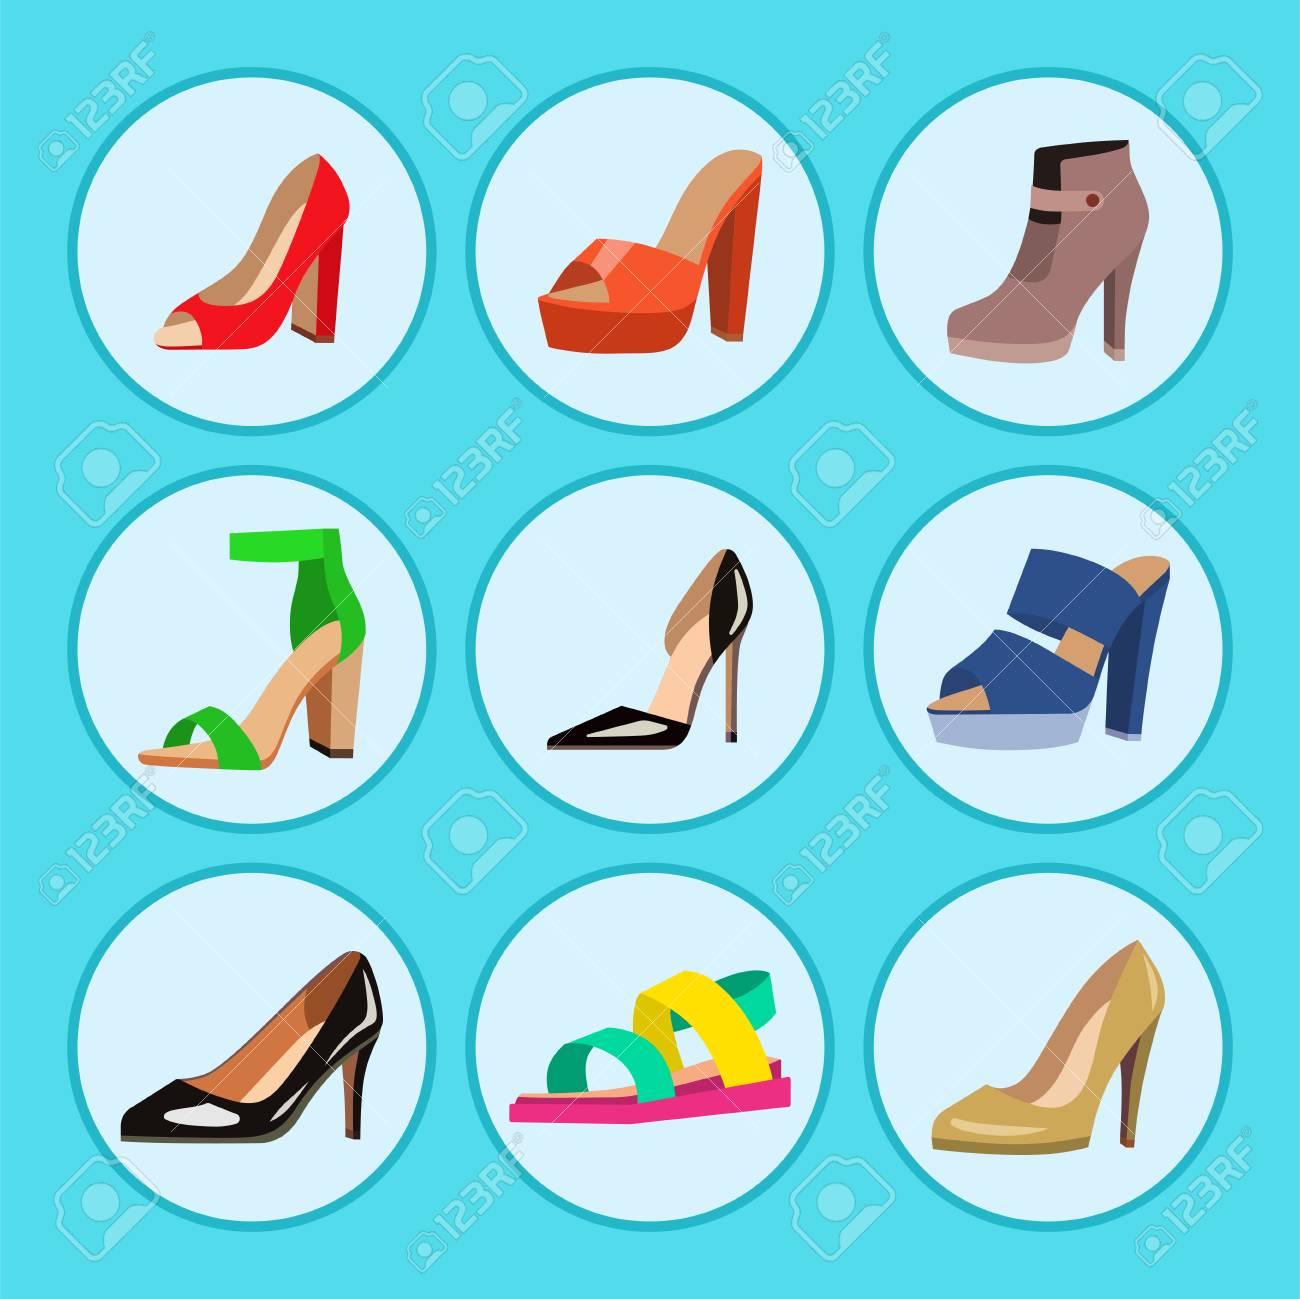 Zapatos de mujer vector colección de diseño de moda plana de cuero color mocasines zapatos sandalias ilustración